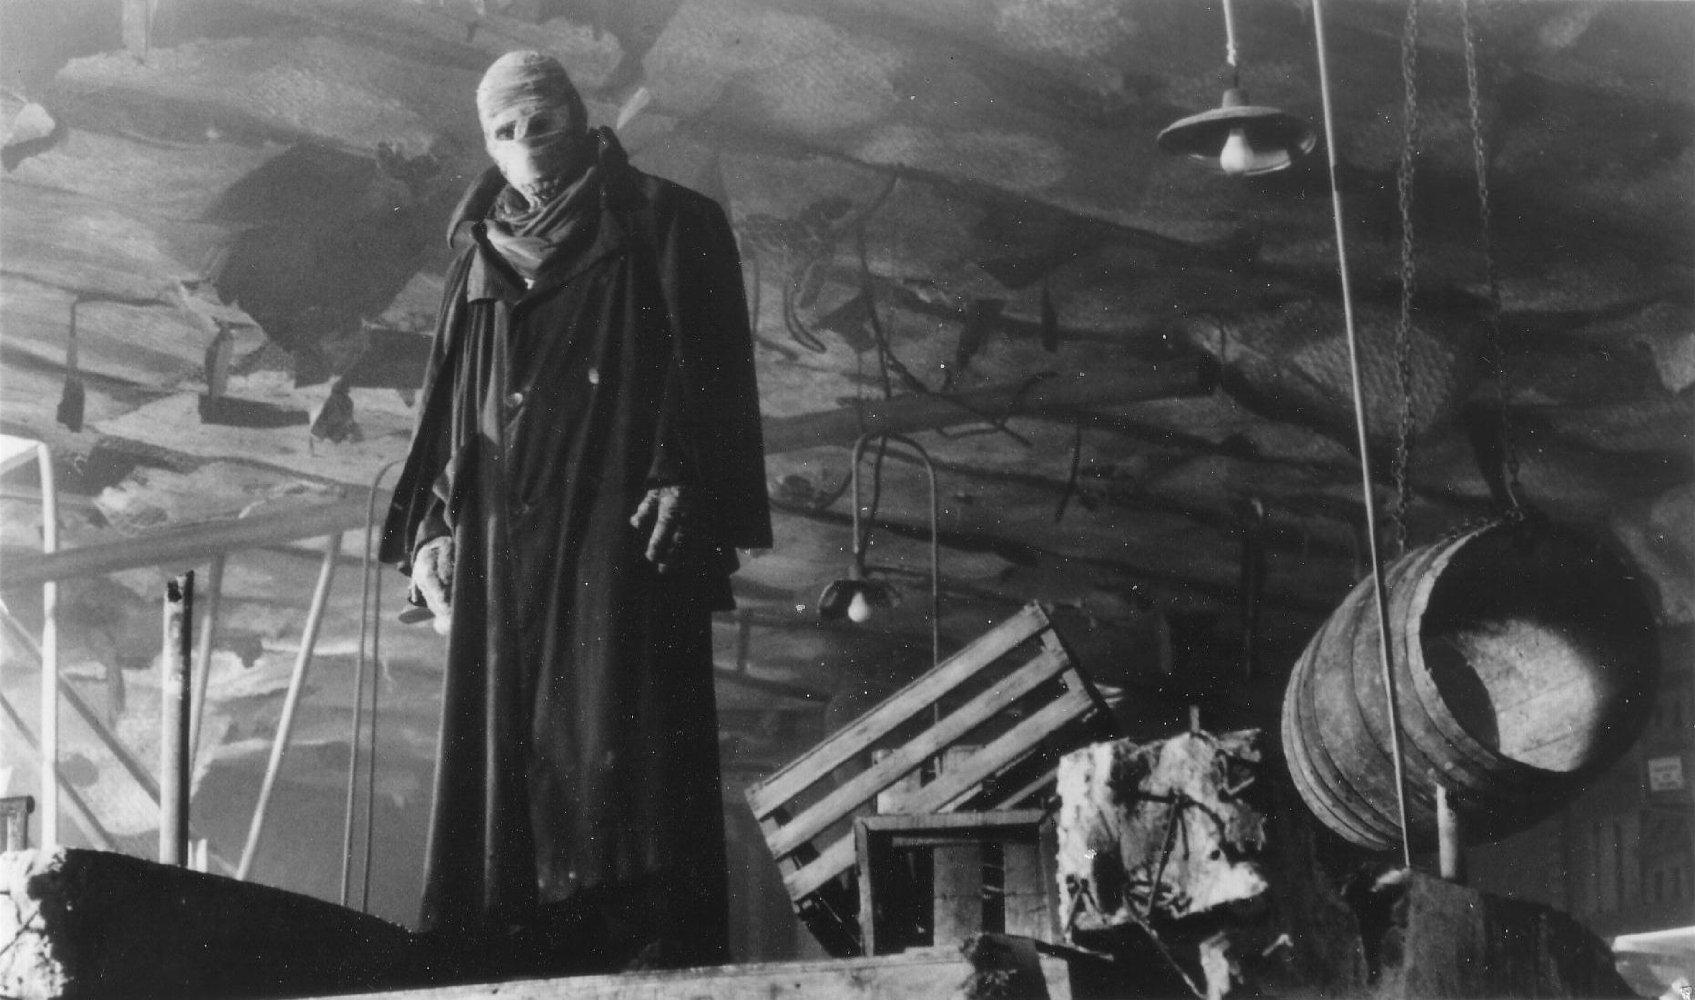 مشاهدة فيلم Darkman 1990 HD مترجم كامل اون لاين